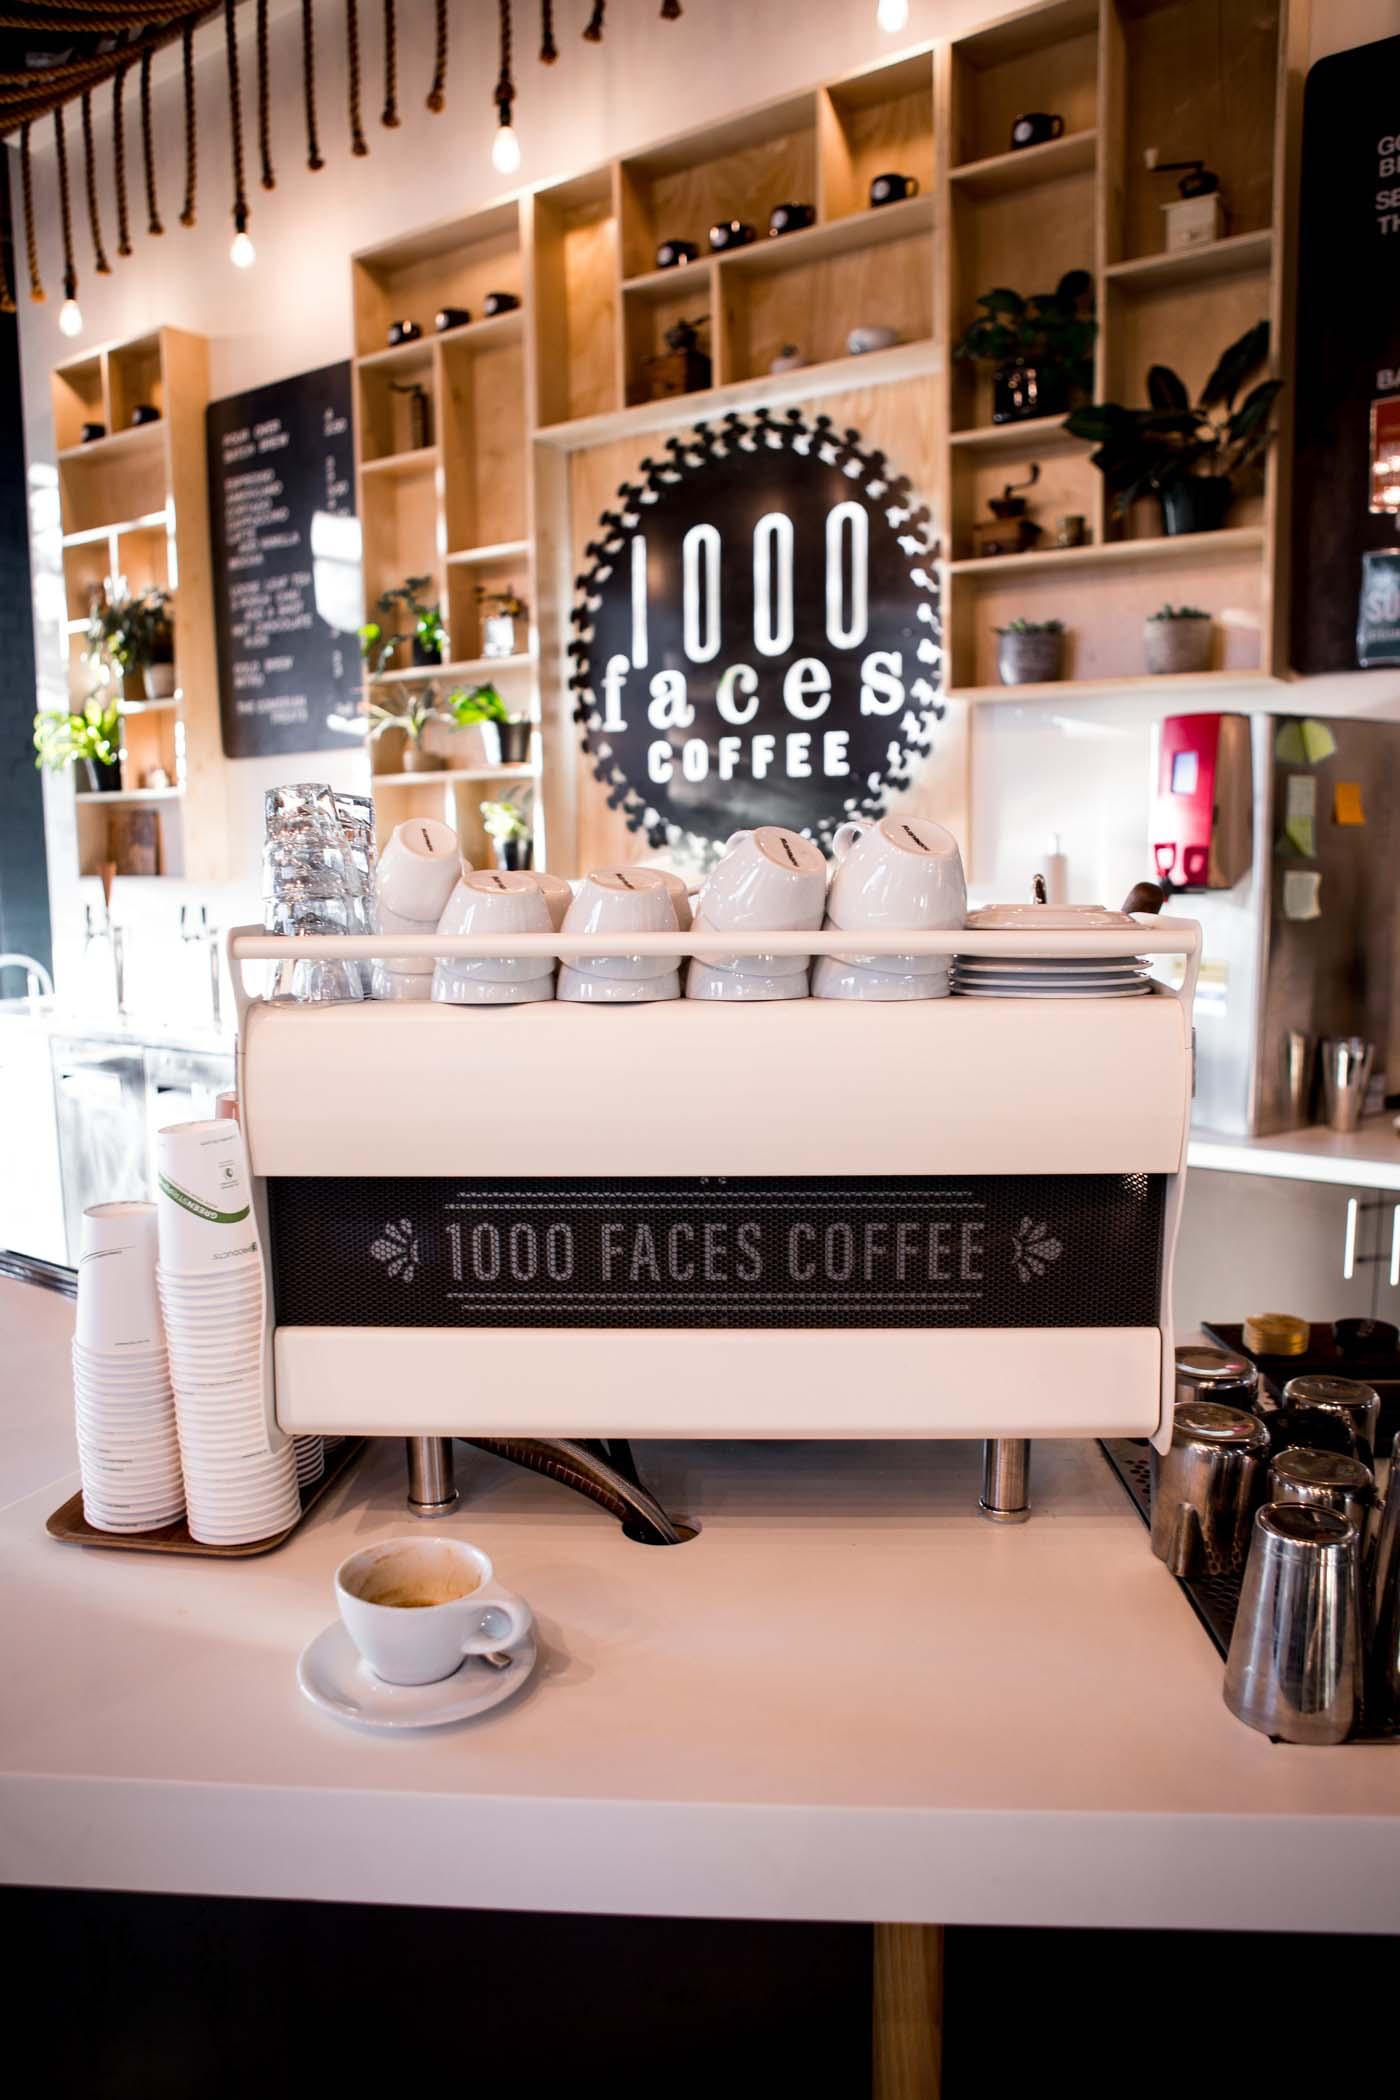 coffee shop, espresso, latte, espresso machine - My Style Vita